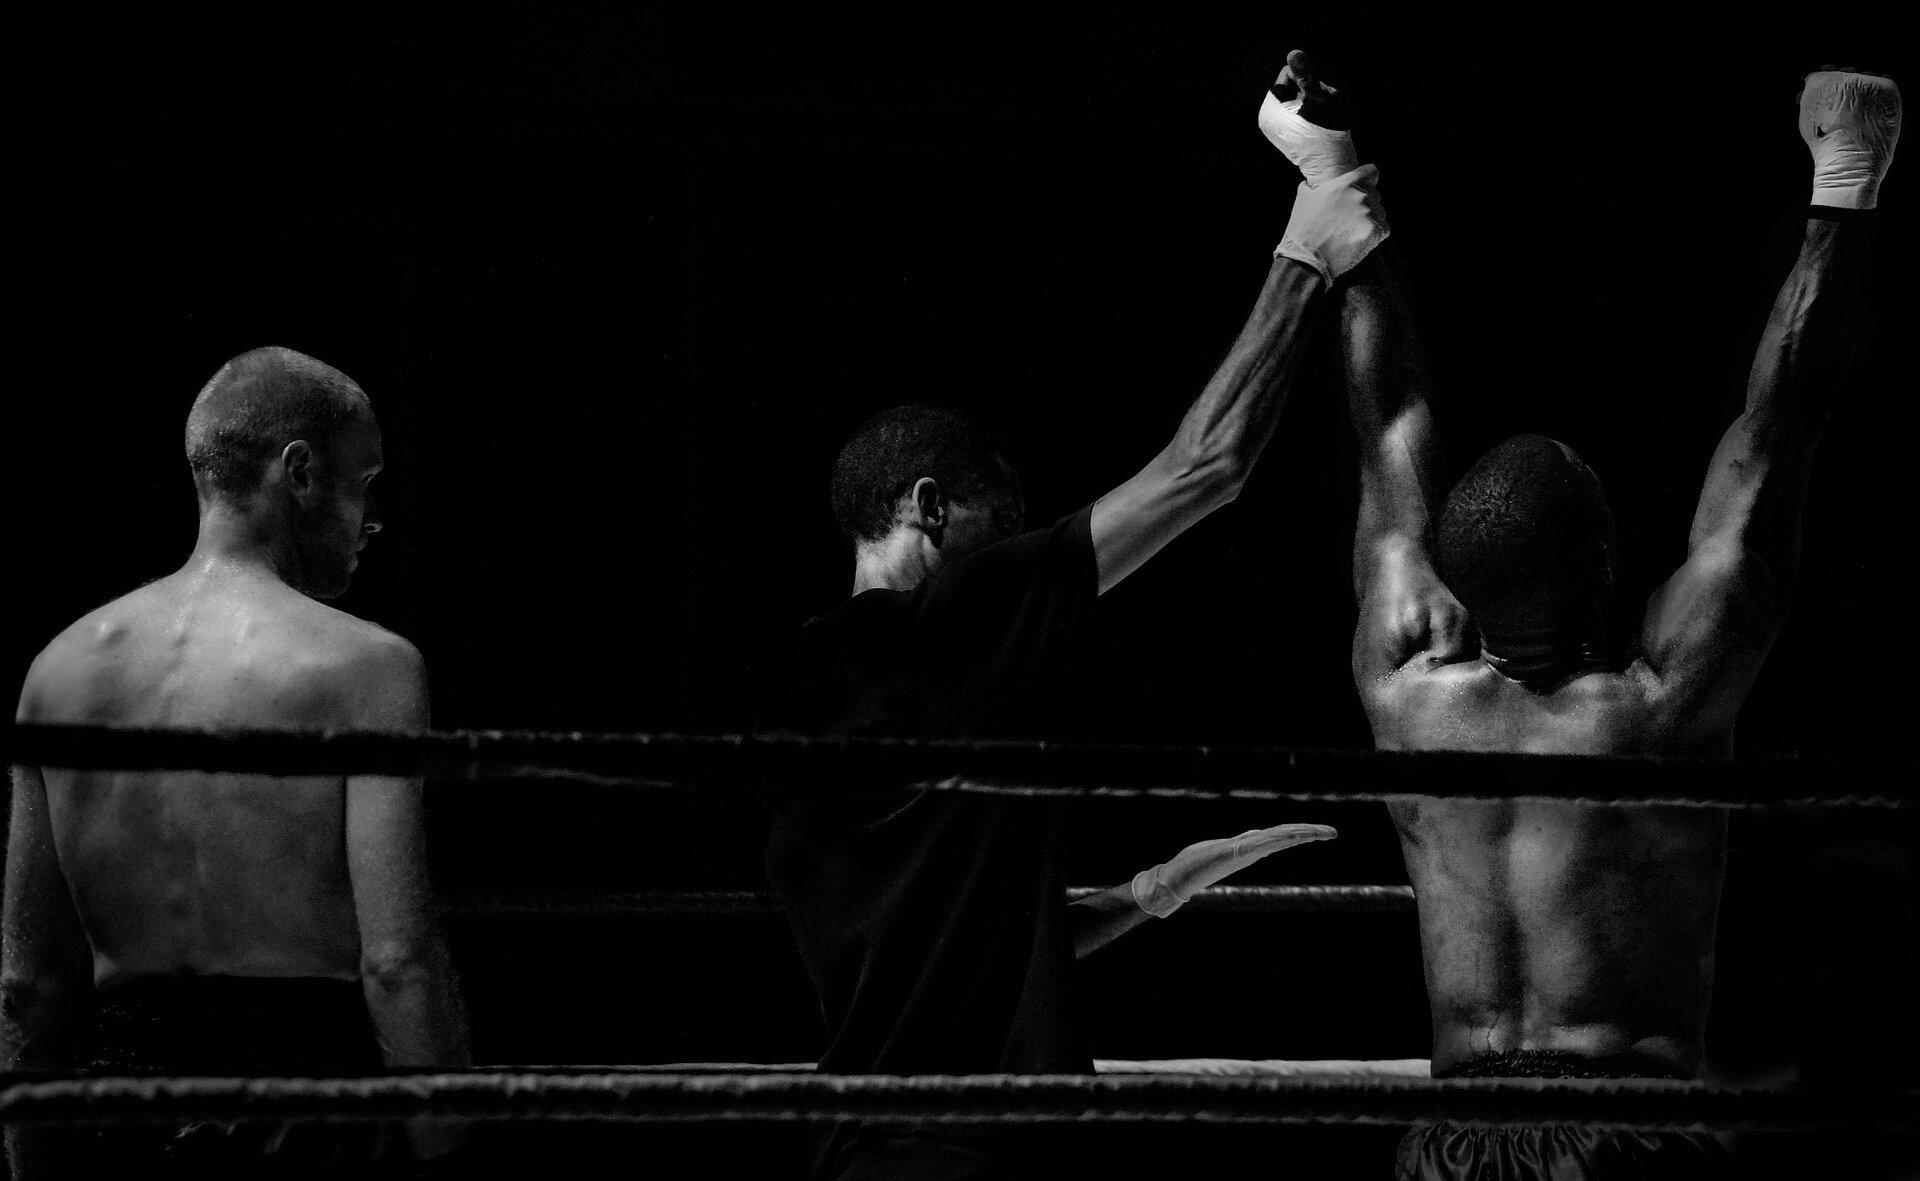 Sport Źródło: www.pixabay.com, fotografia czarno-biała, domena publiczna.